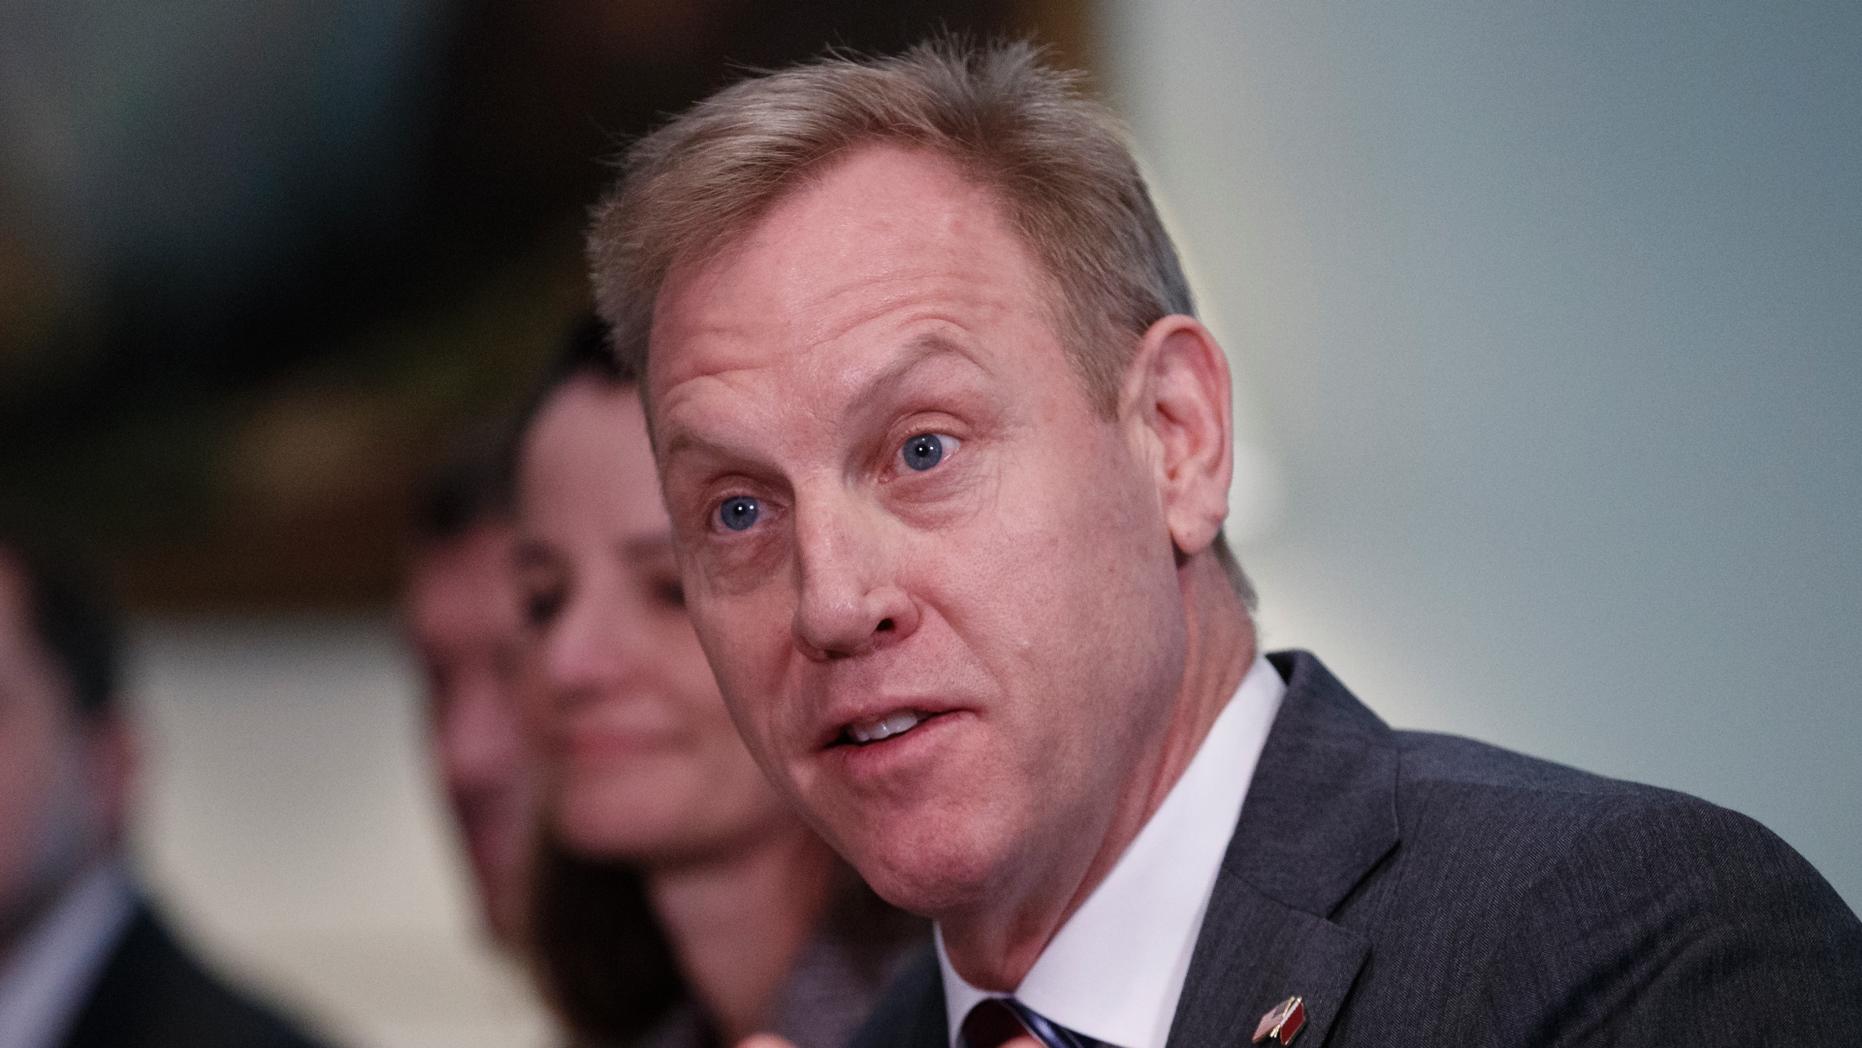 Acting Secretary of Defense Patrick Shanahan. (AP Photo/Carolyn Kaster)